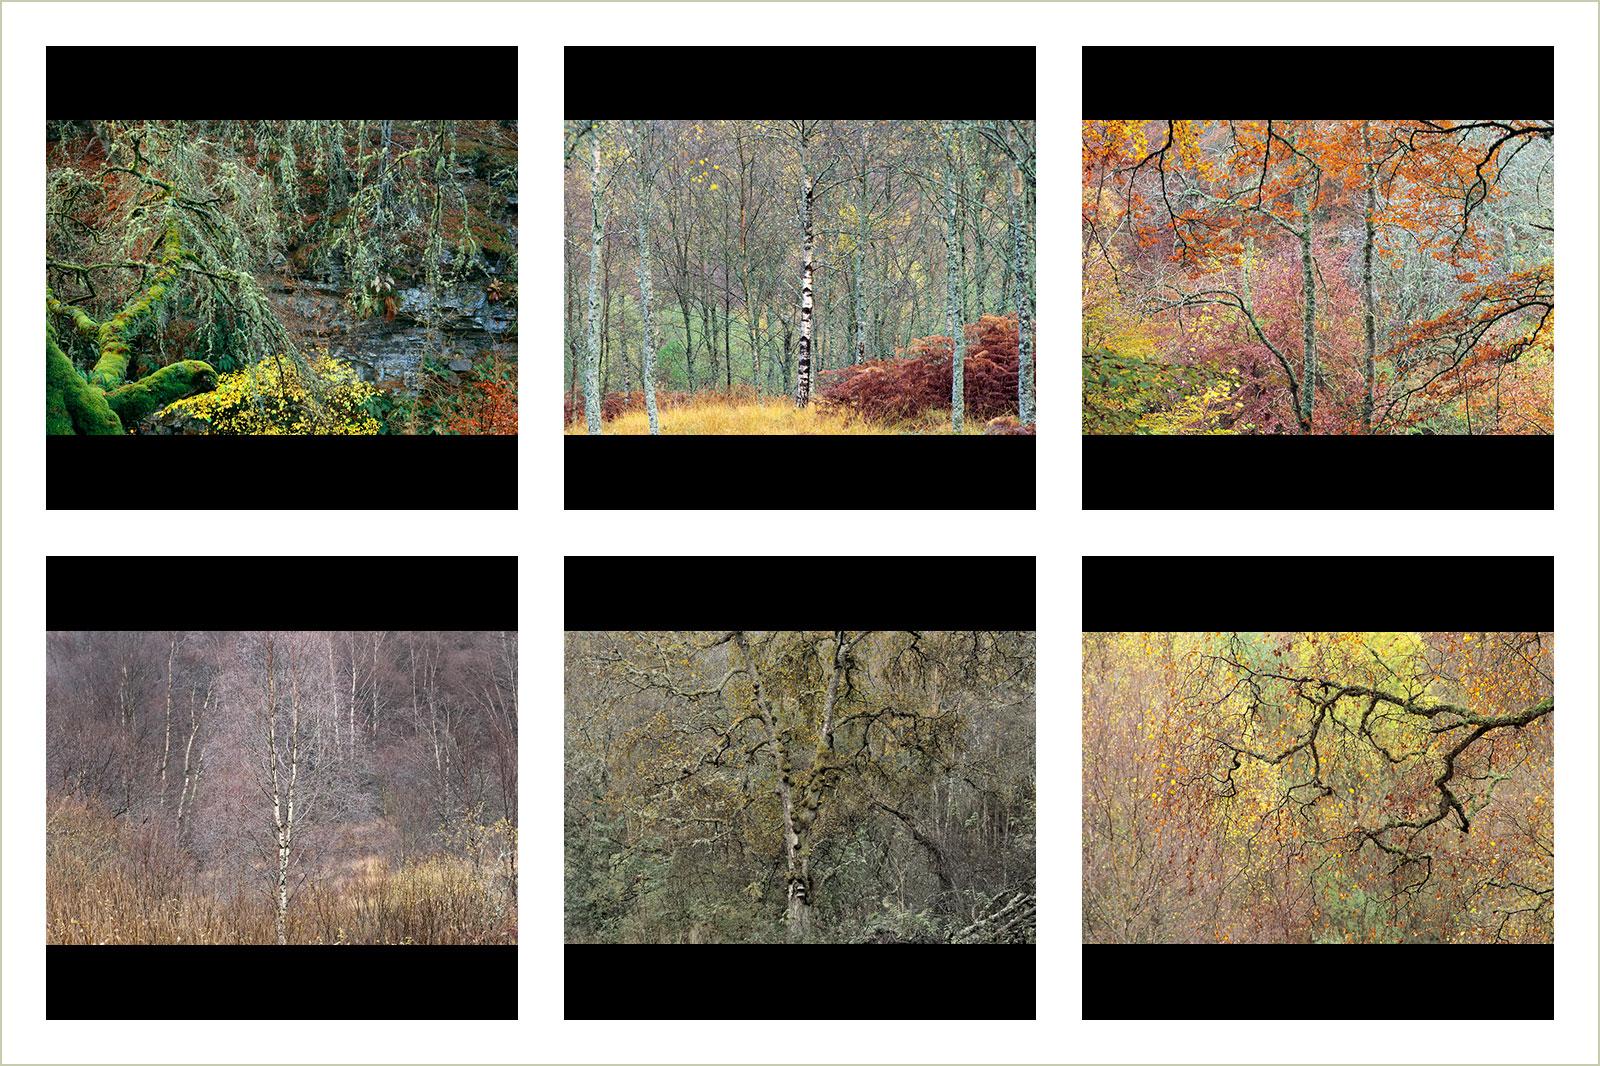 Стивен Уайтхорн / Stephen Whitehorne, Победитель в категории «Фотоальбом», Фотоконкурс RHS Photographic Competition